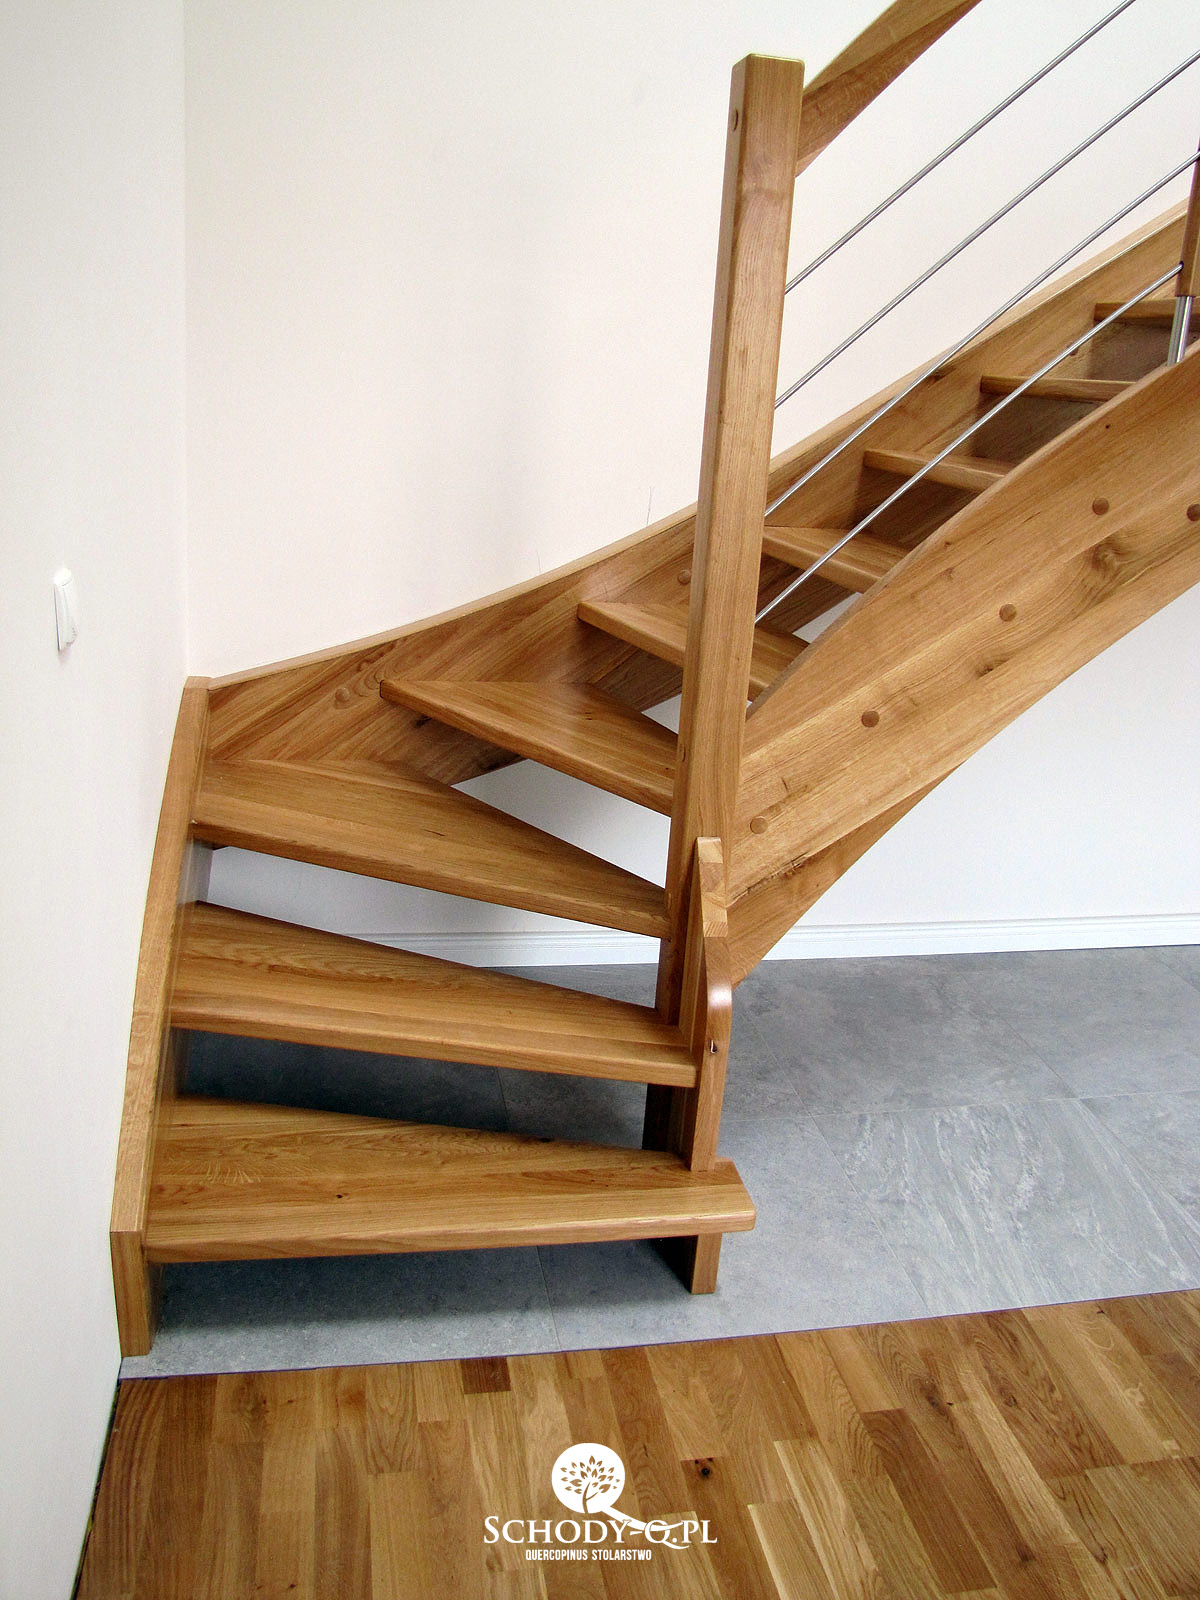 Schody Debowe Samonosne Poznan Stairs Q